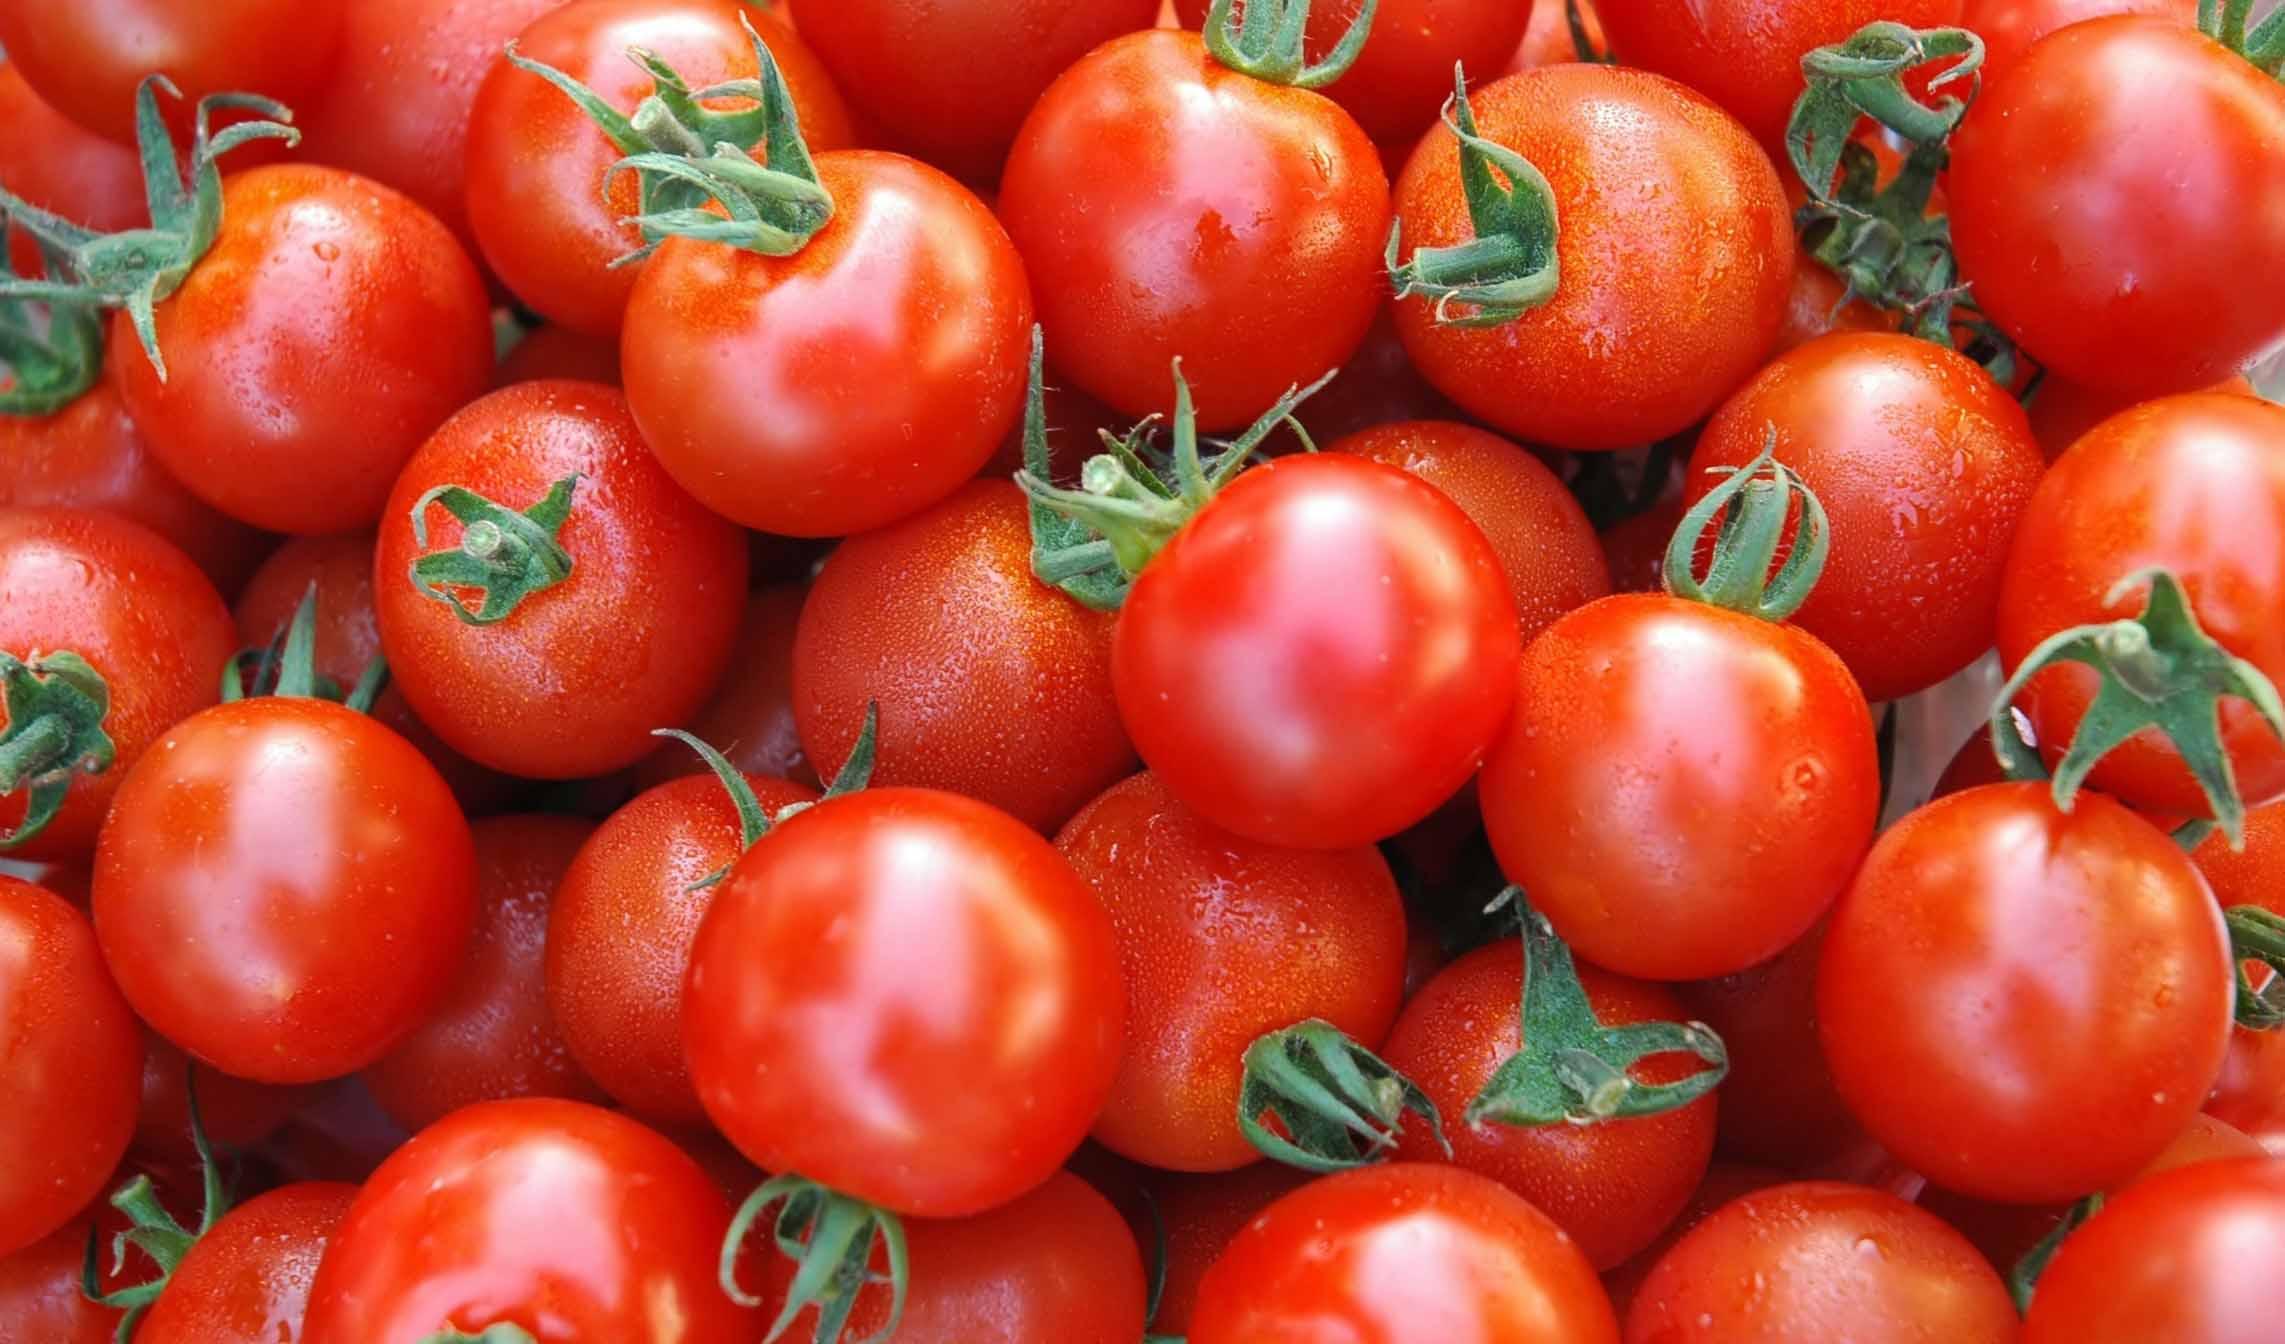 ماجرای گوجه فرنگی های برگشت خورده از عراق چیست؟